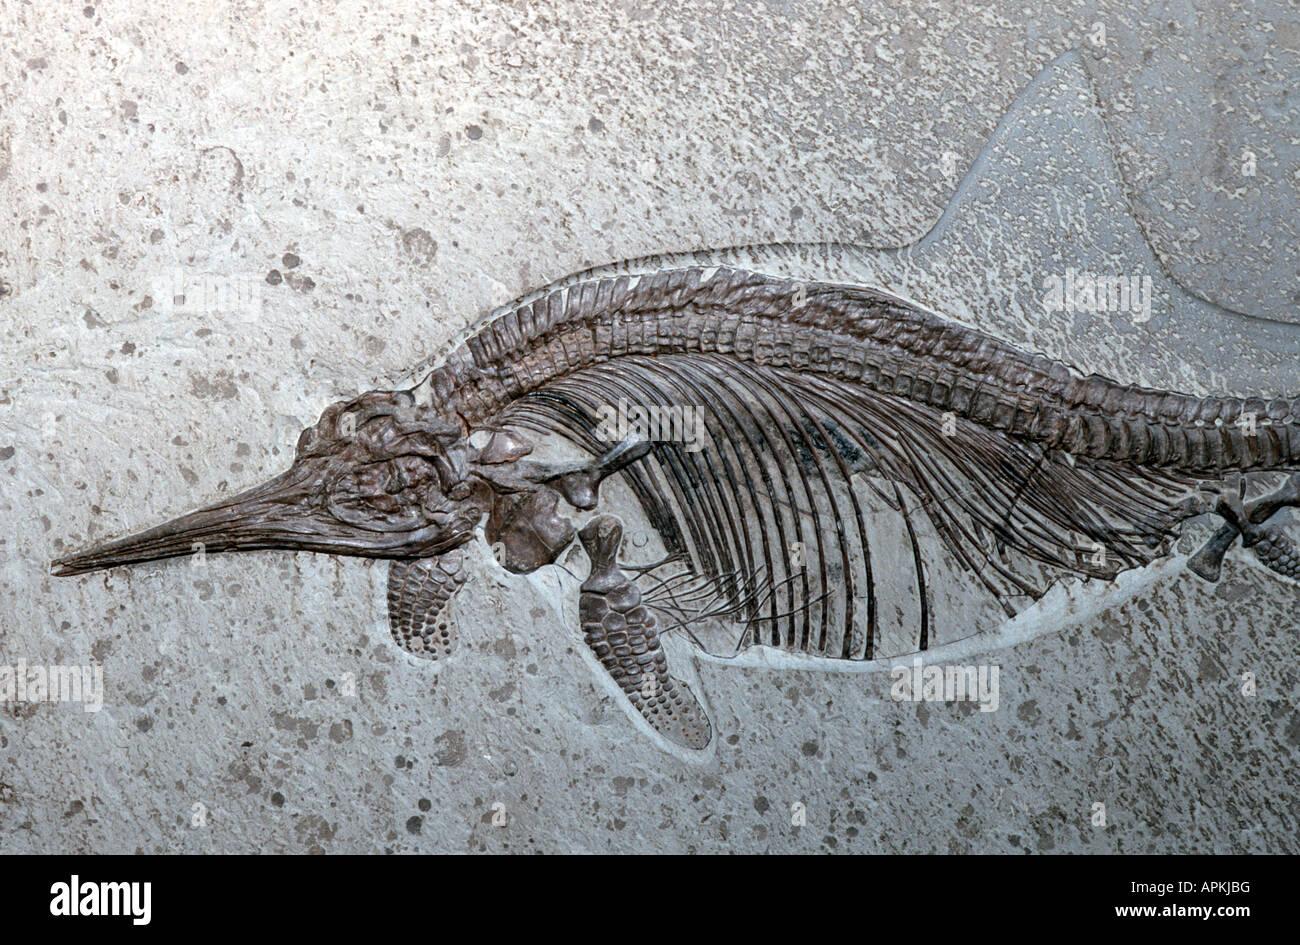 Ichthyosaurus quadriscissus, fossil - Stock Image